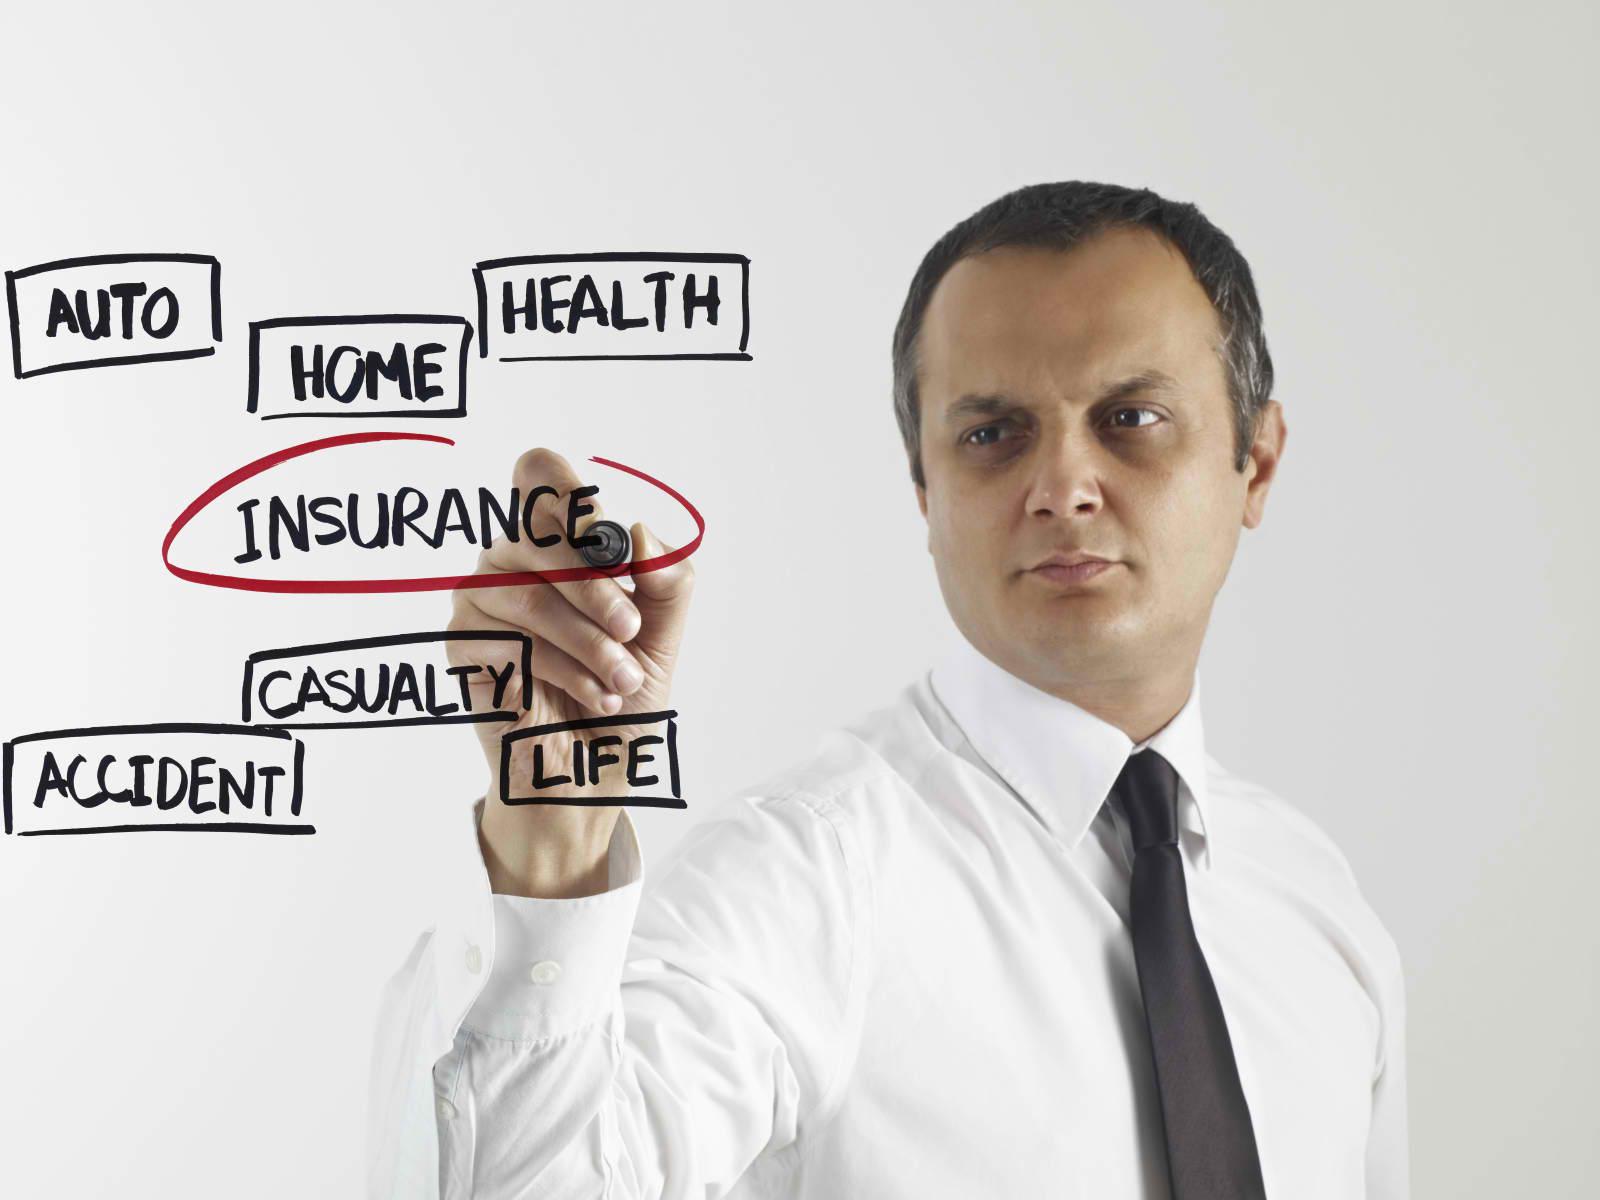 Assicurazioni - Generico (3) Imc